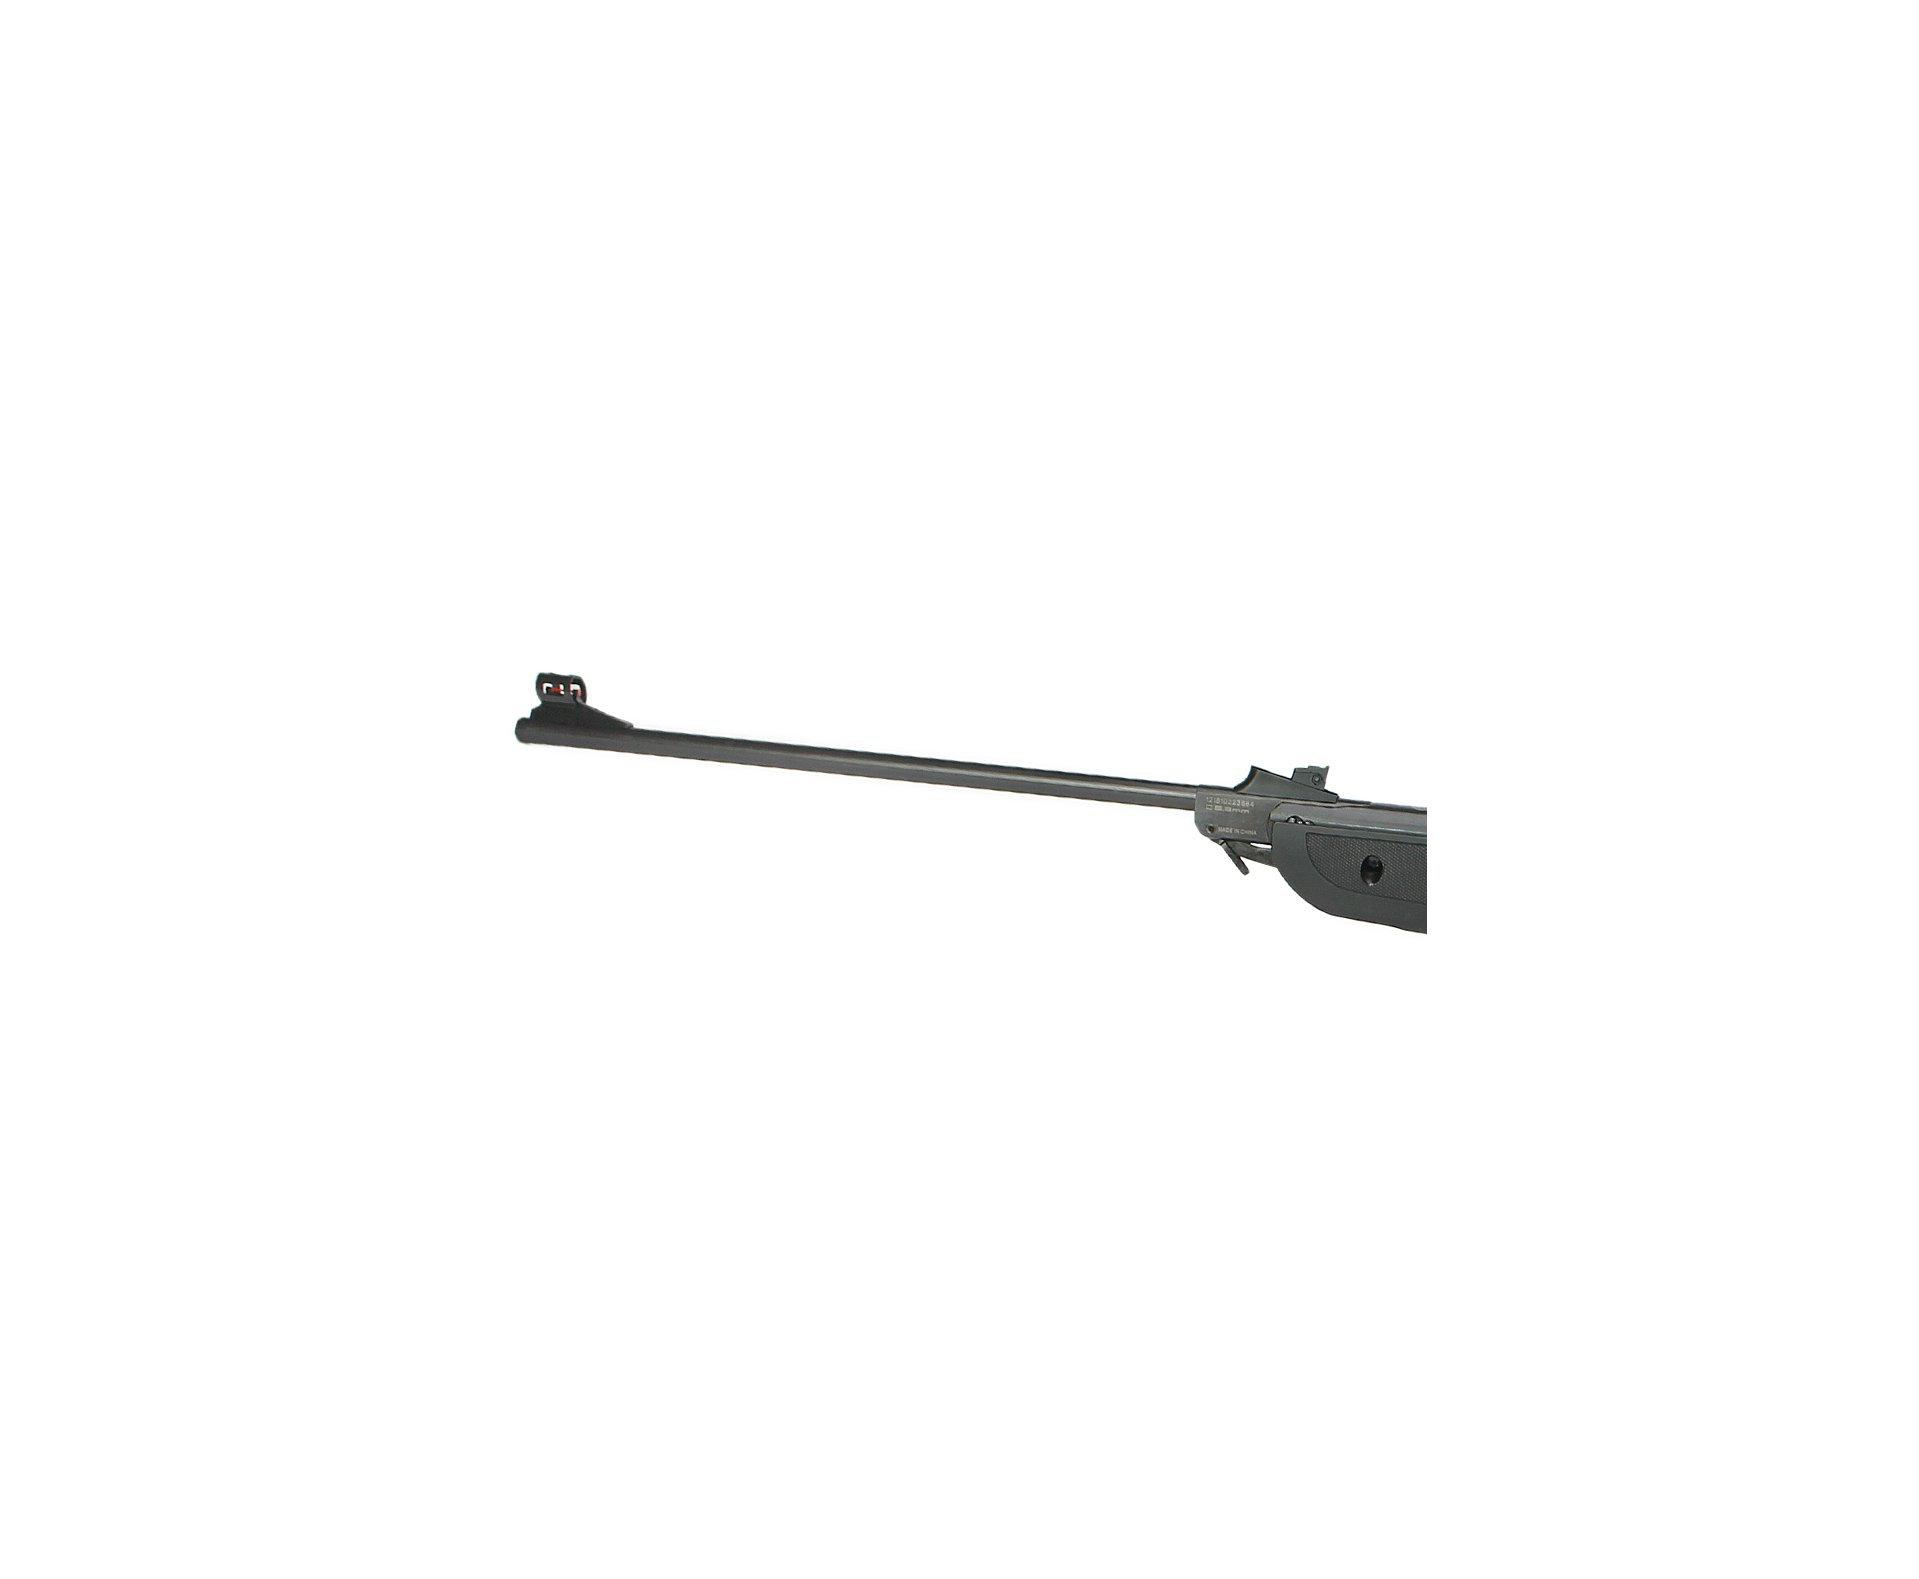 Carabina De Pressão Nova Dione Black Cal 4,5mm - 3° Geração - Rossi